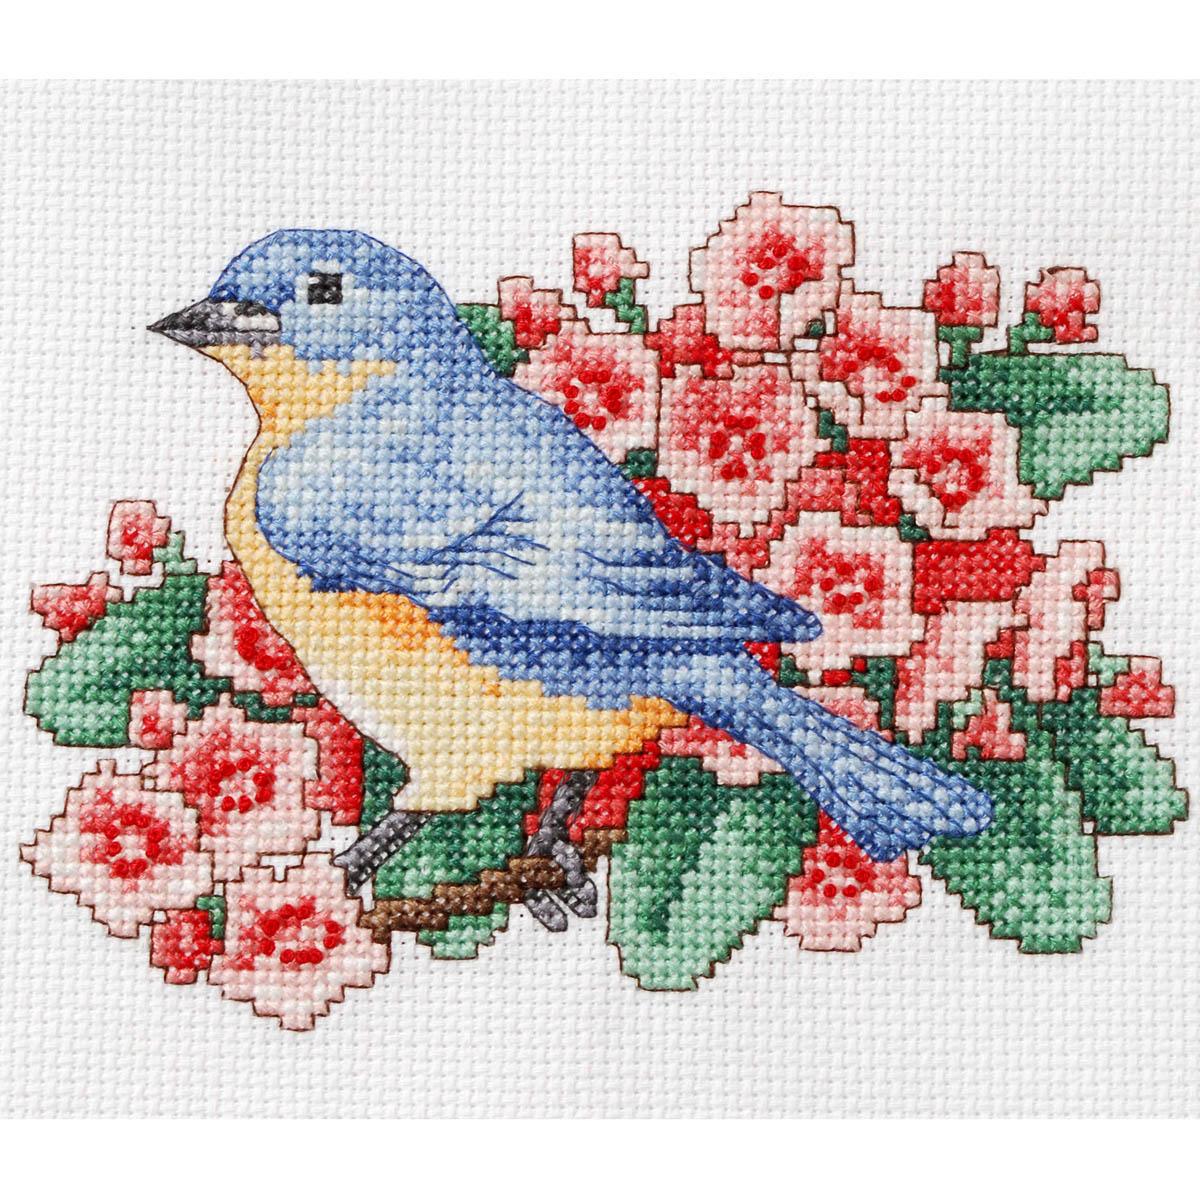 Bucilla ® Counted Cross Stitch - Picture Kits - Mini - Blue Bird